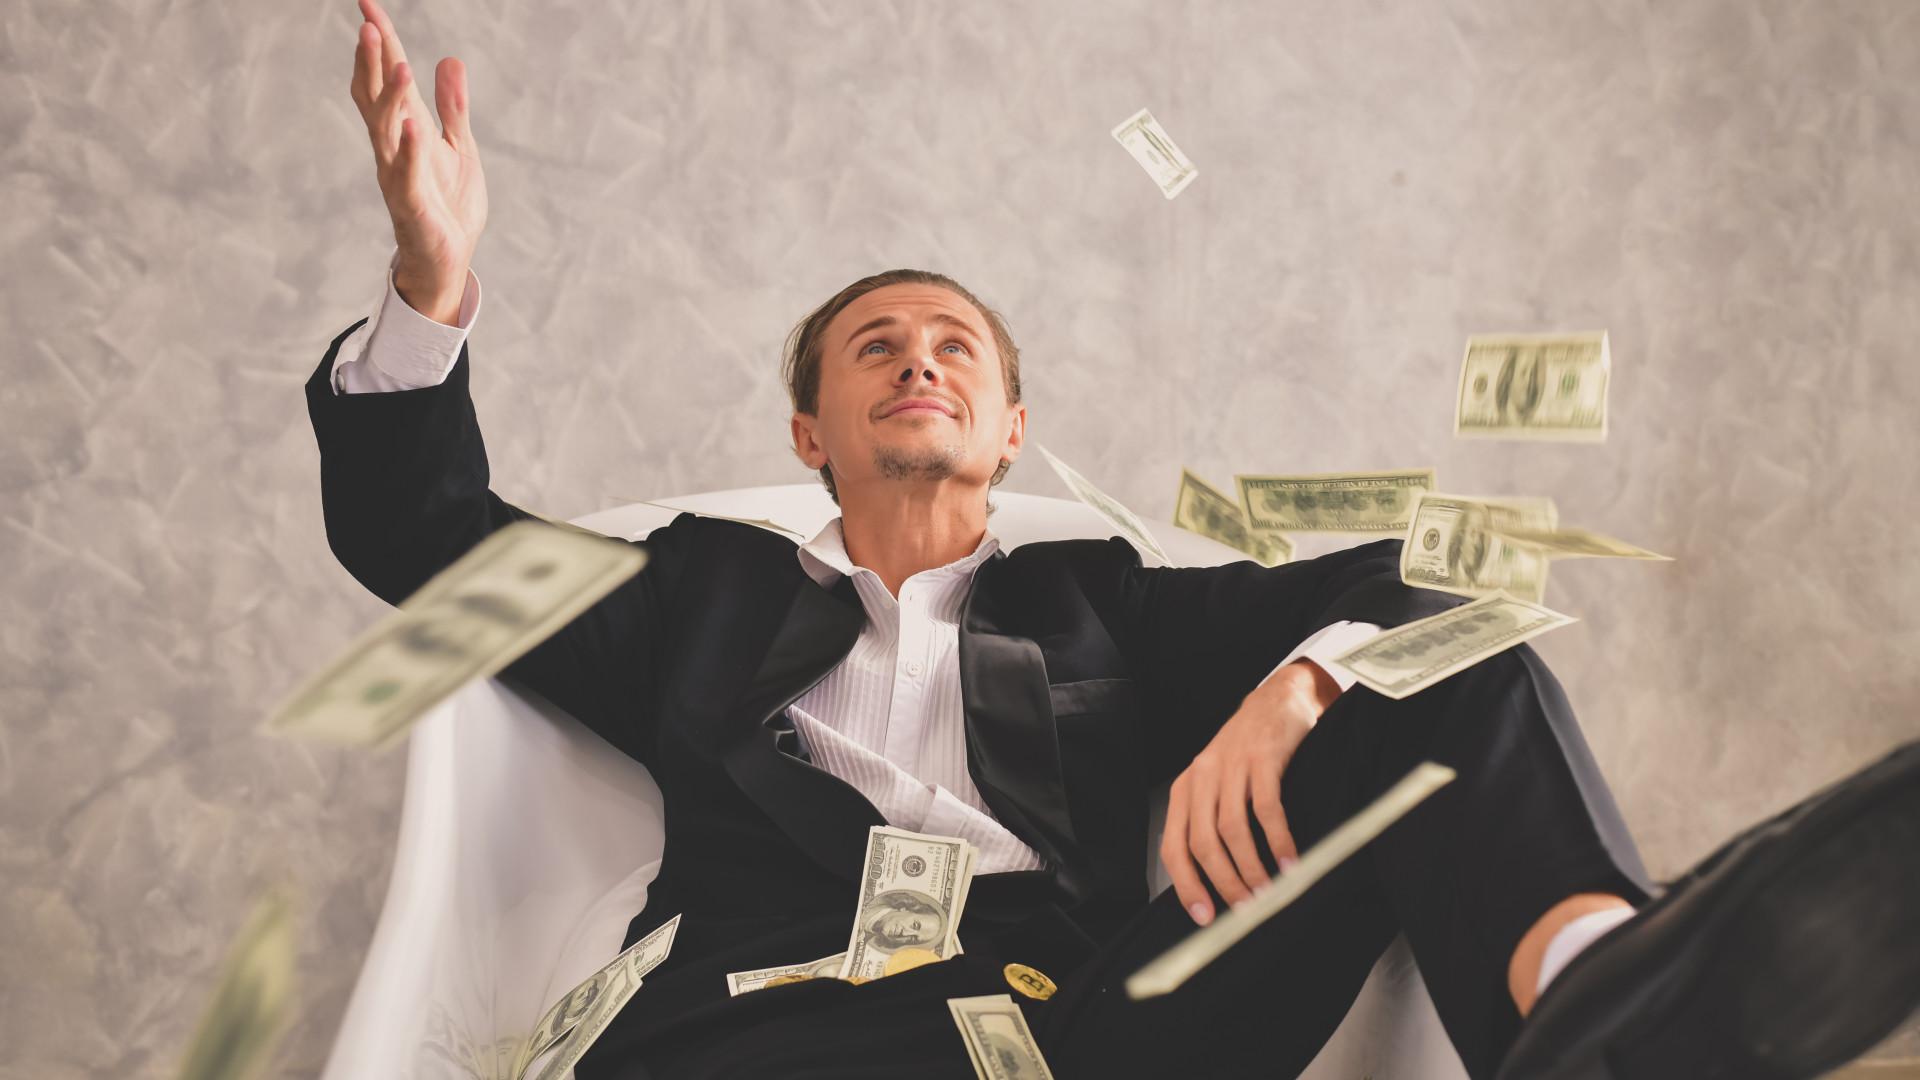 milyen gazdag pénzt keres)